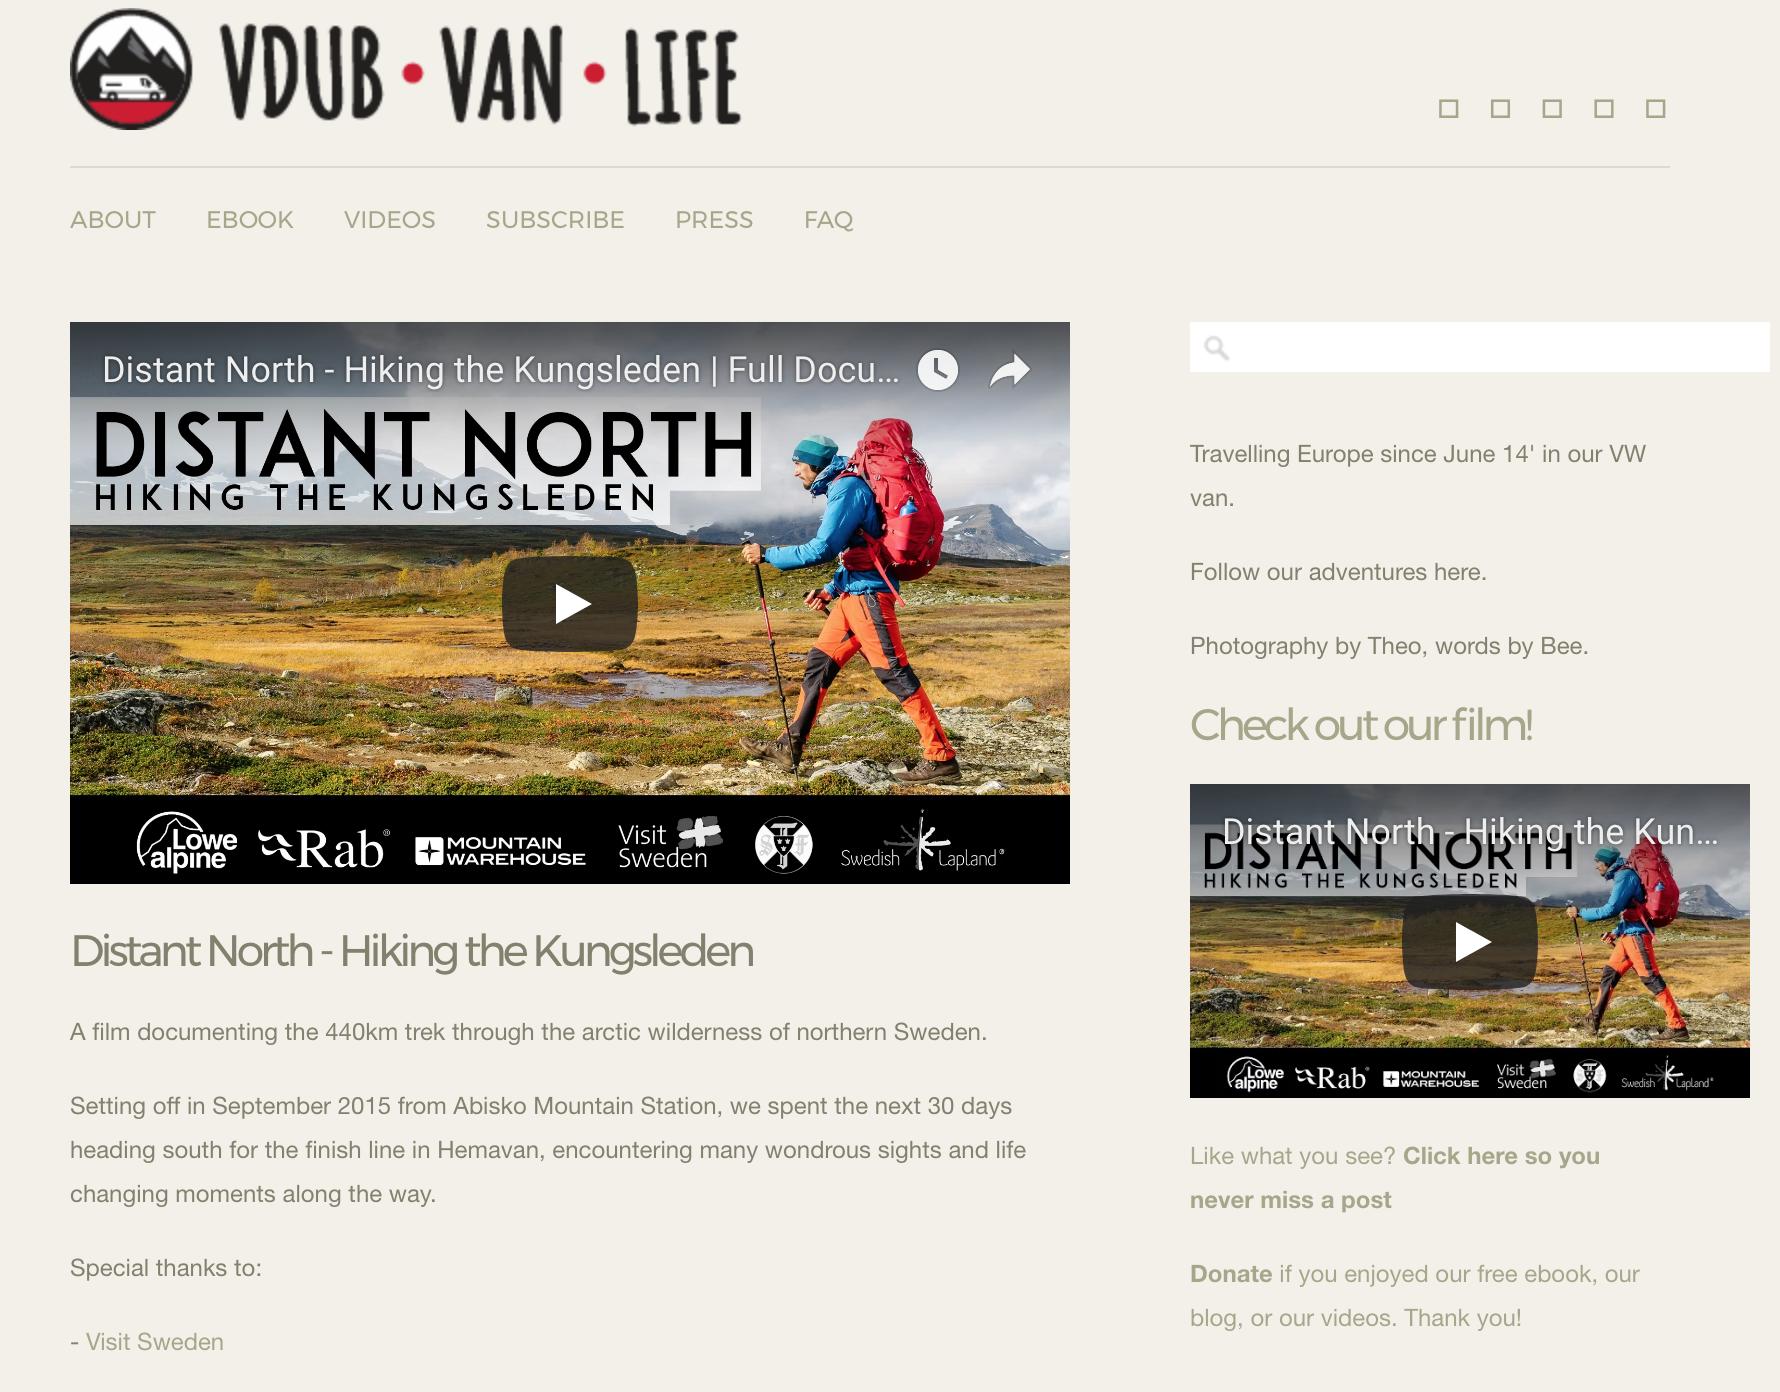 VDubVanLife Blog